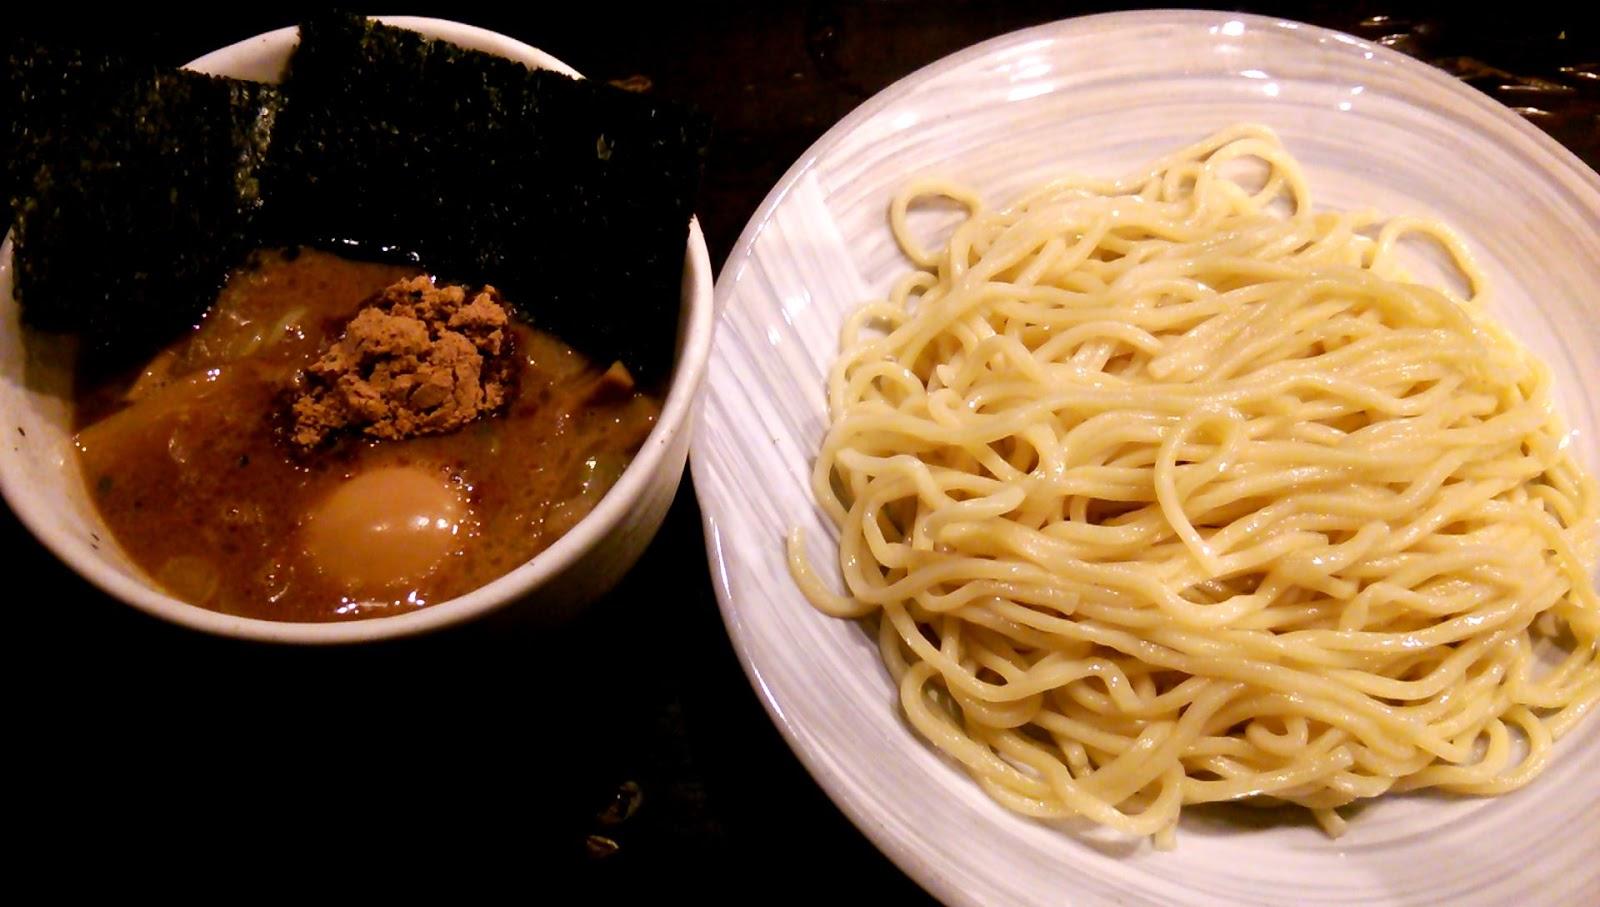 以上、レポっす。: 2015/1/19 得製つけ麺(風雲児@新宿)